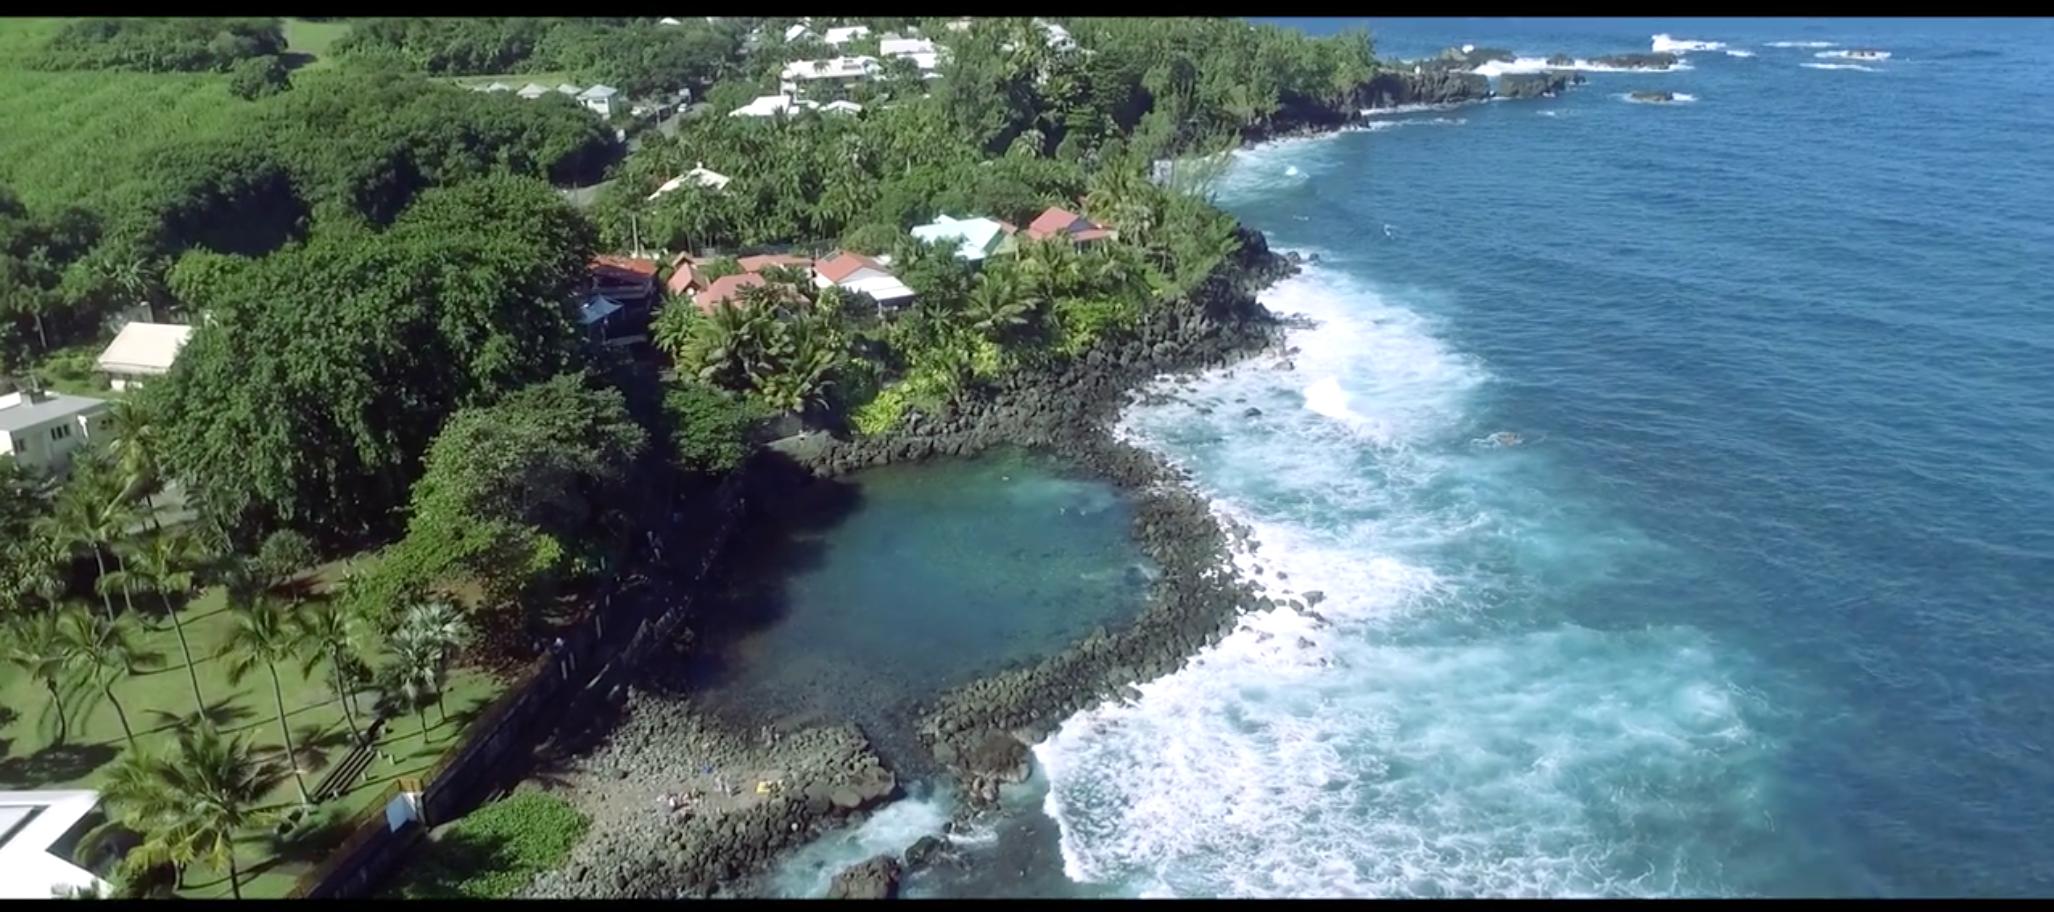 #JaimeMonîle La Réunion + un drone = Une magnifique vidéo !